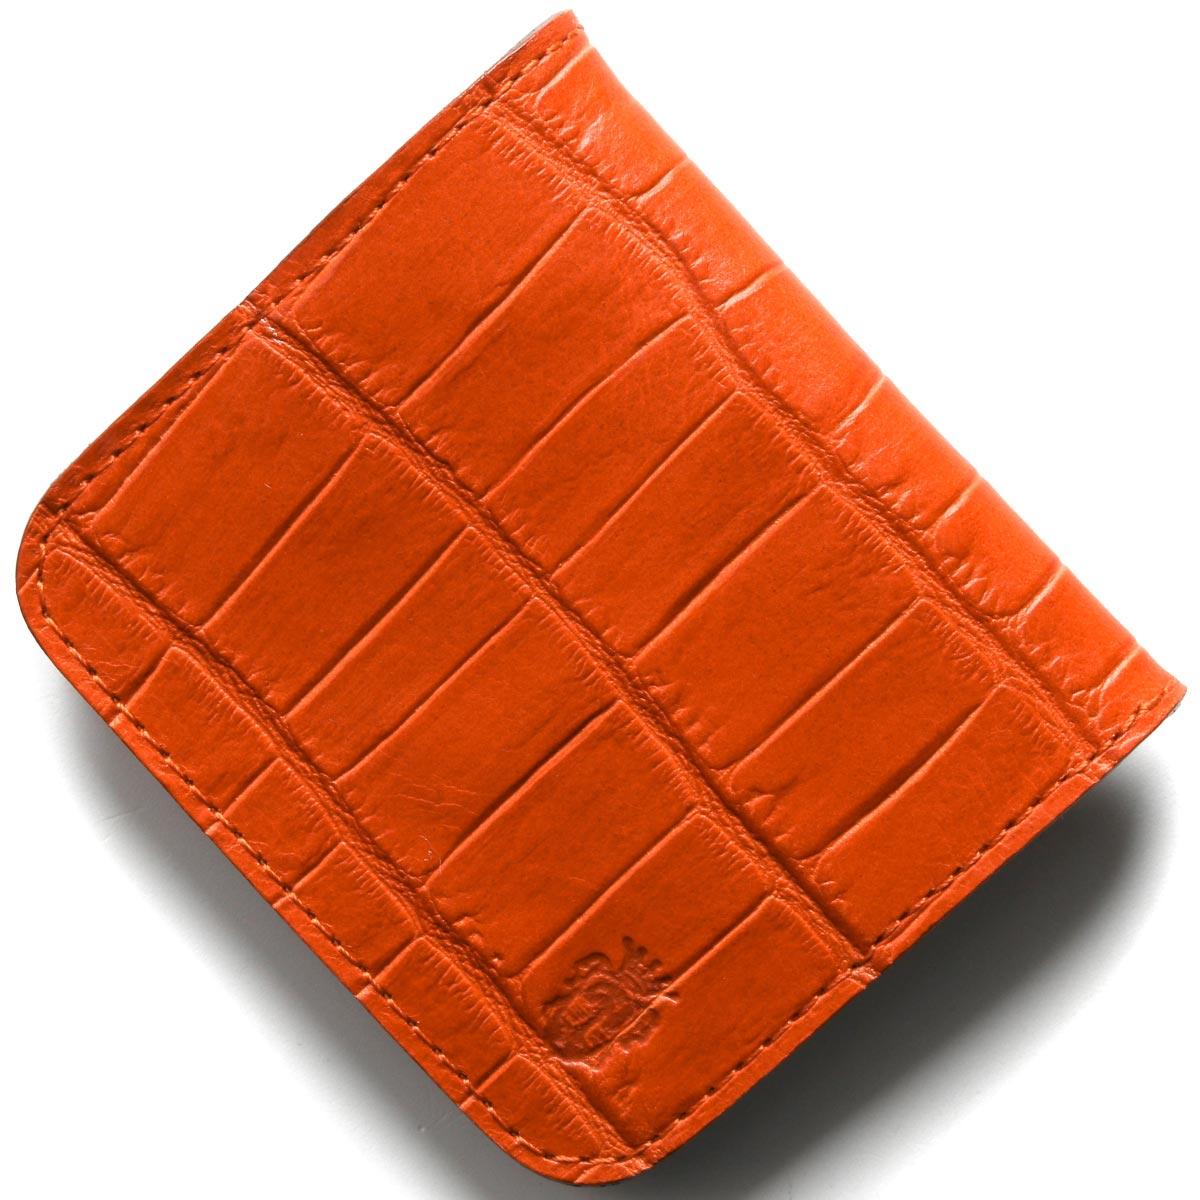 フェリージ コインケース(小銭入れ) 財布 メンズ クロコ型押し アランチョオレンジ 914 SA 0009 FELISI